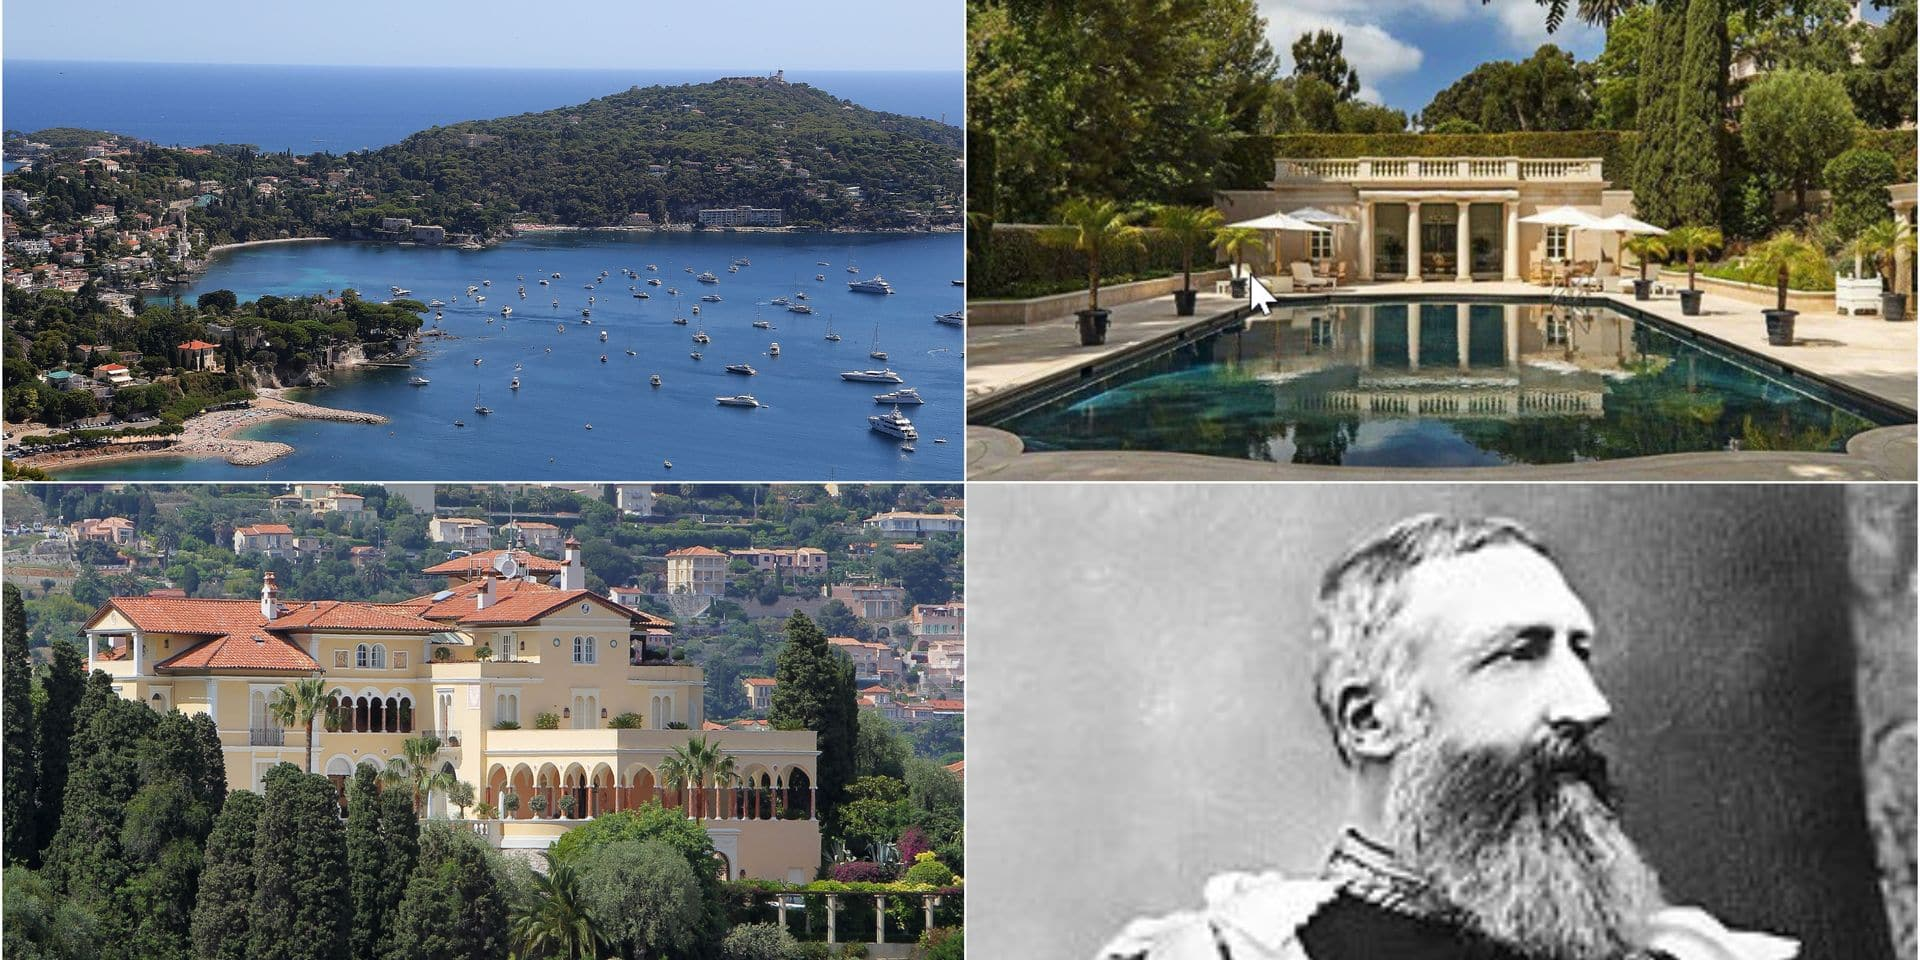 Une ancienne propriété de Léopold II sur la Côte d'Azur vendue pour 200 millions d'euros